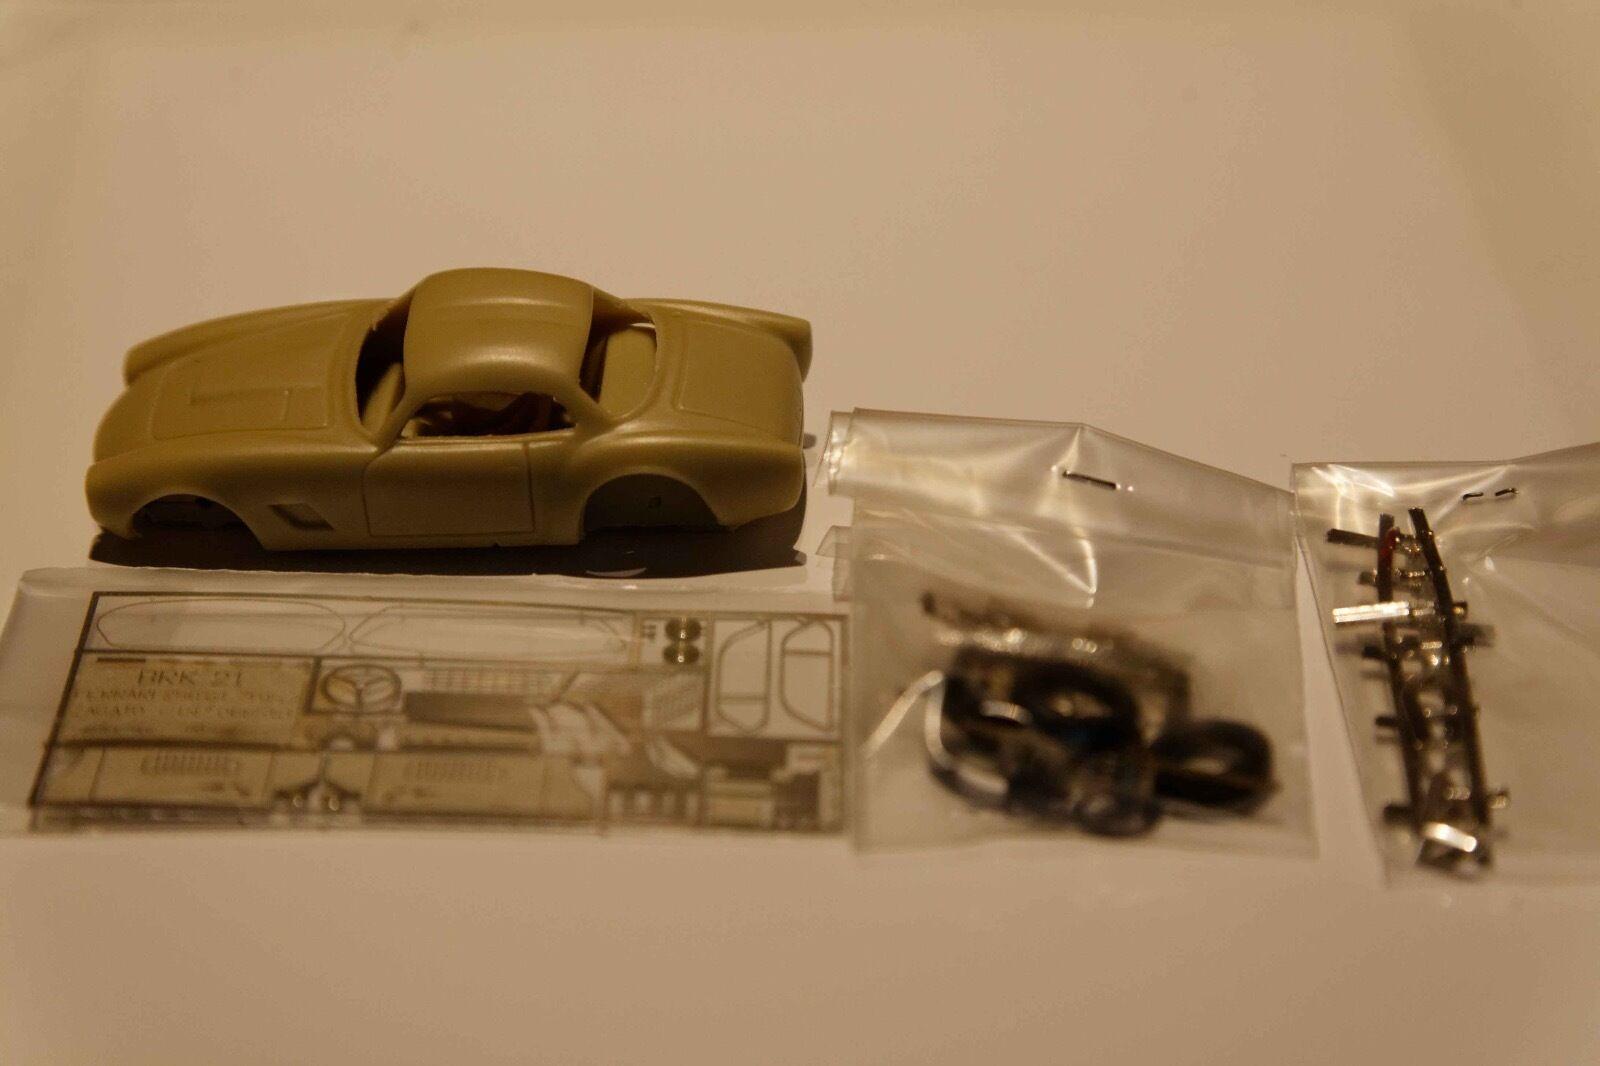 Ferrari 250 GT zagato 1957 kit 1 43 not build ABC Brianza